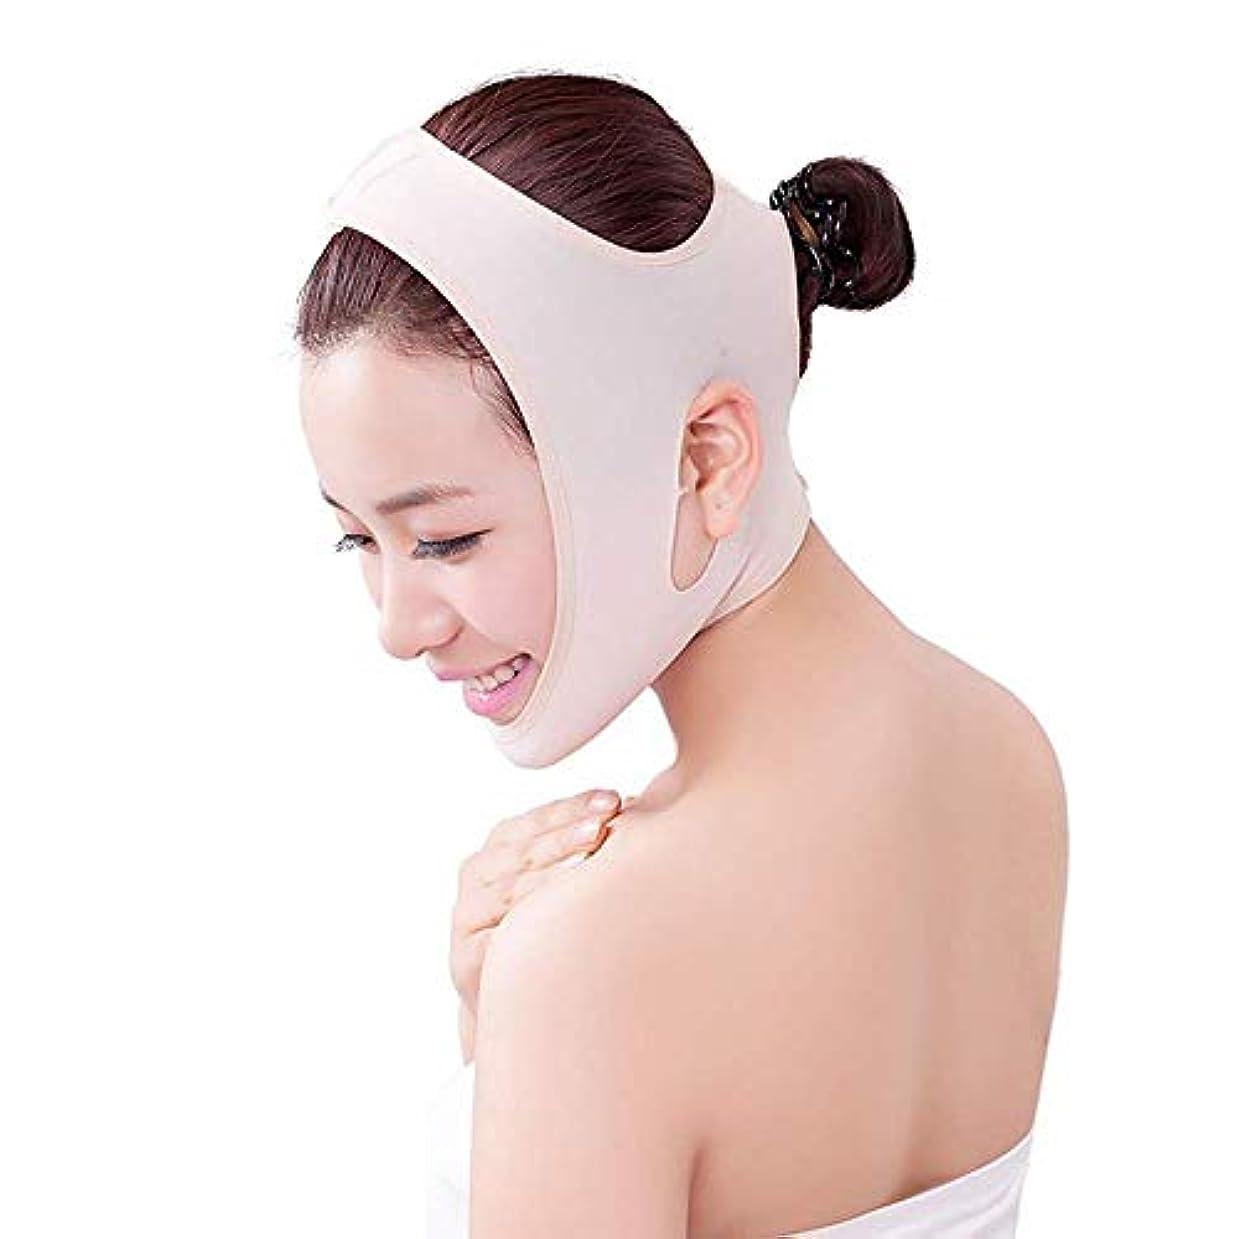 セブン違反揃える薄型フェイスベルト - 男性用および女性用の包帯をフランスの顔用リフティングマスク器具に引き締める薄型フェイスVフェイス薄型ダブルチンフェイスリフティングベルト(サイズ:M),M